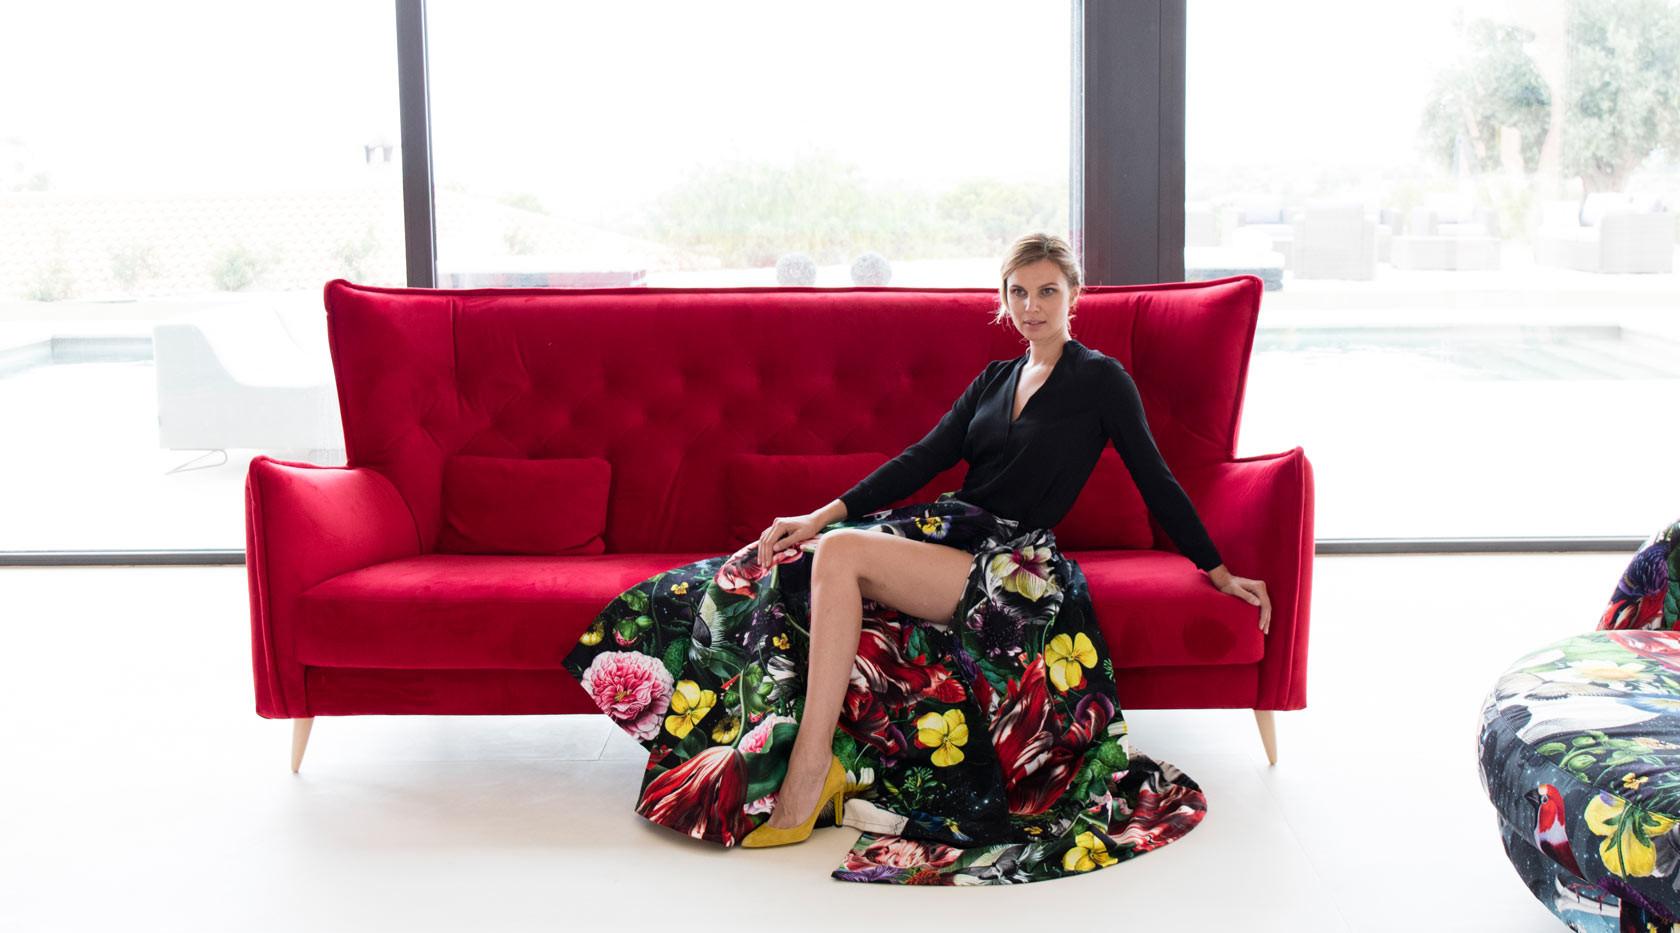 Simone-sofa-rojo-fama-2019-6.jpg